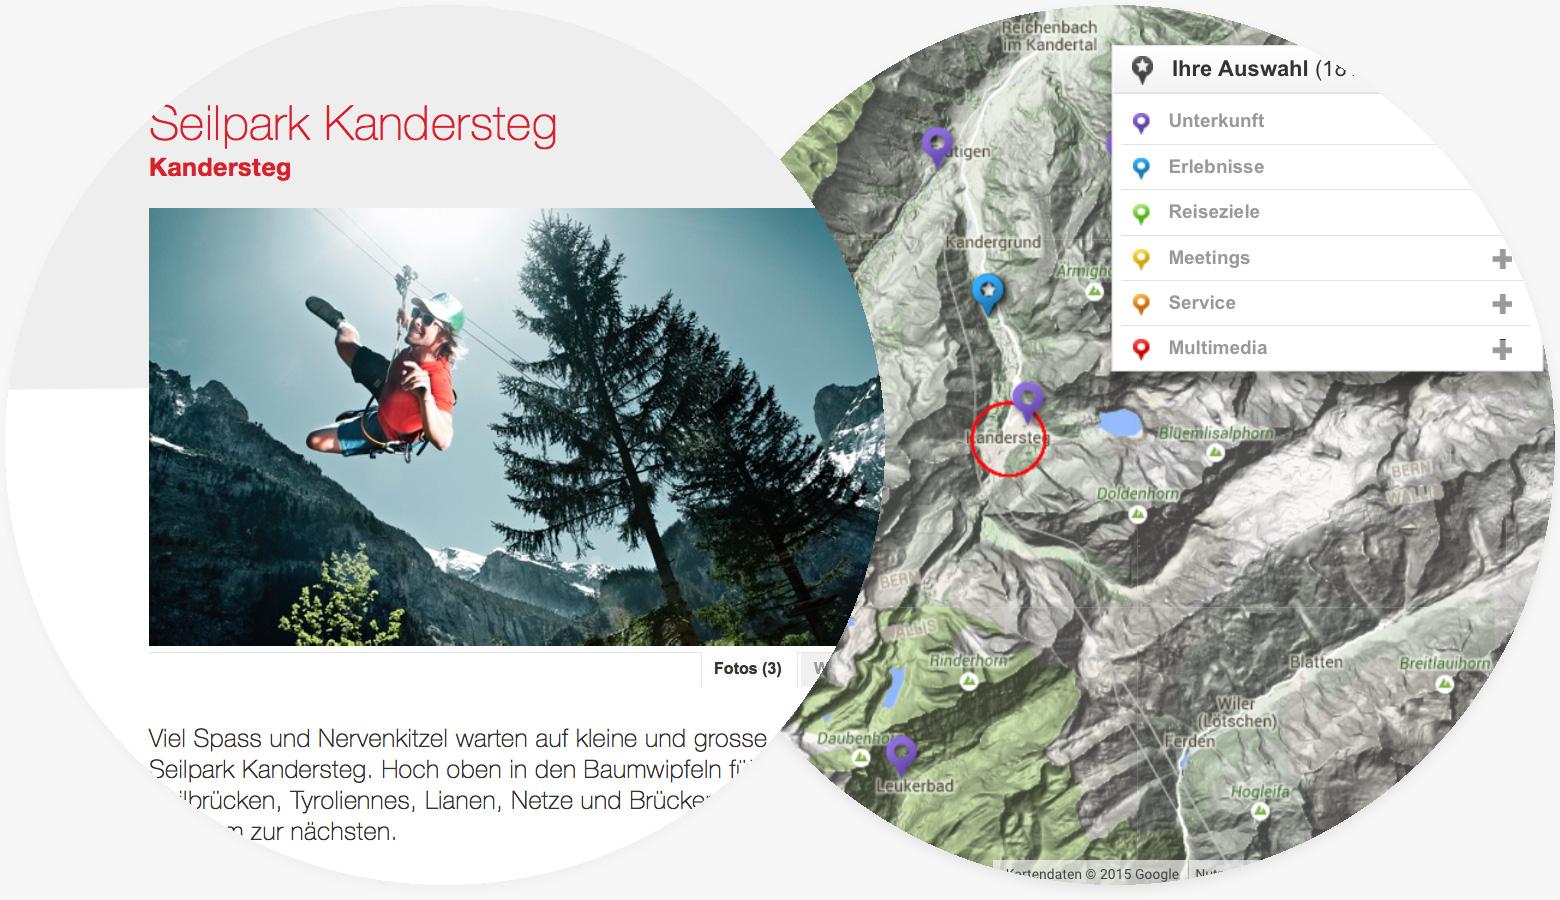 Touristische Aktivitäten und Karte